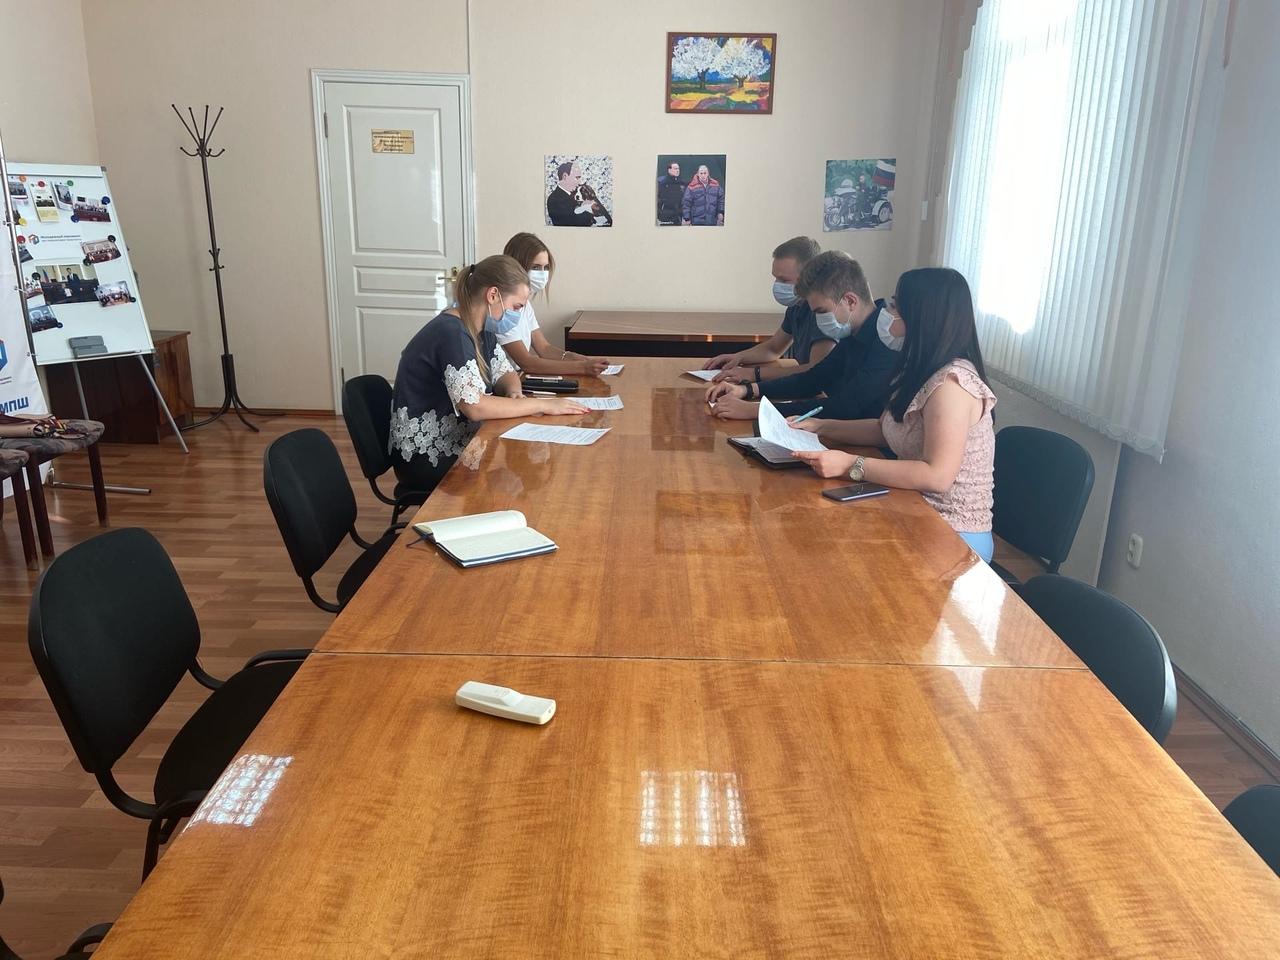 Сегодня прошло первое заседание комитета по защите прав молодёжи и нормотворческой деятельности